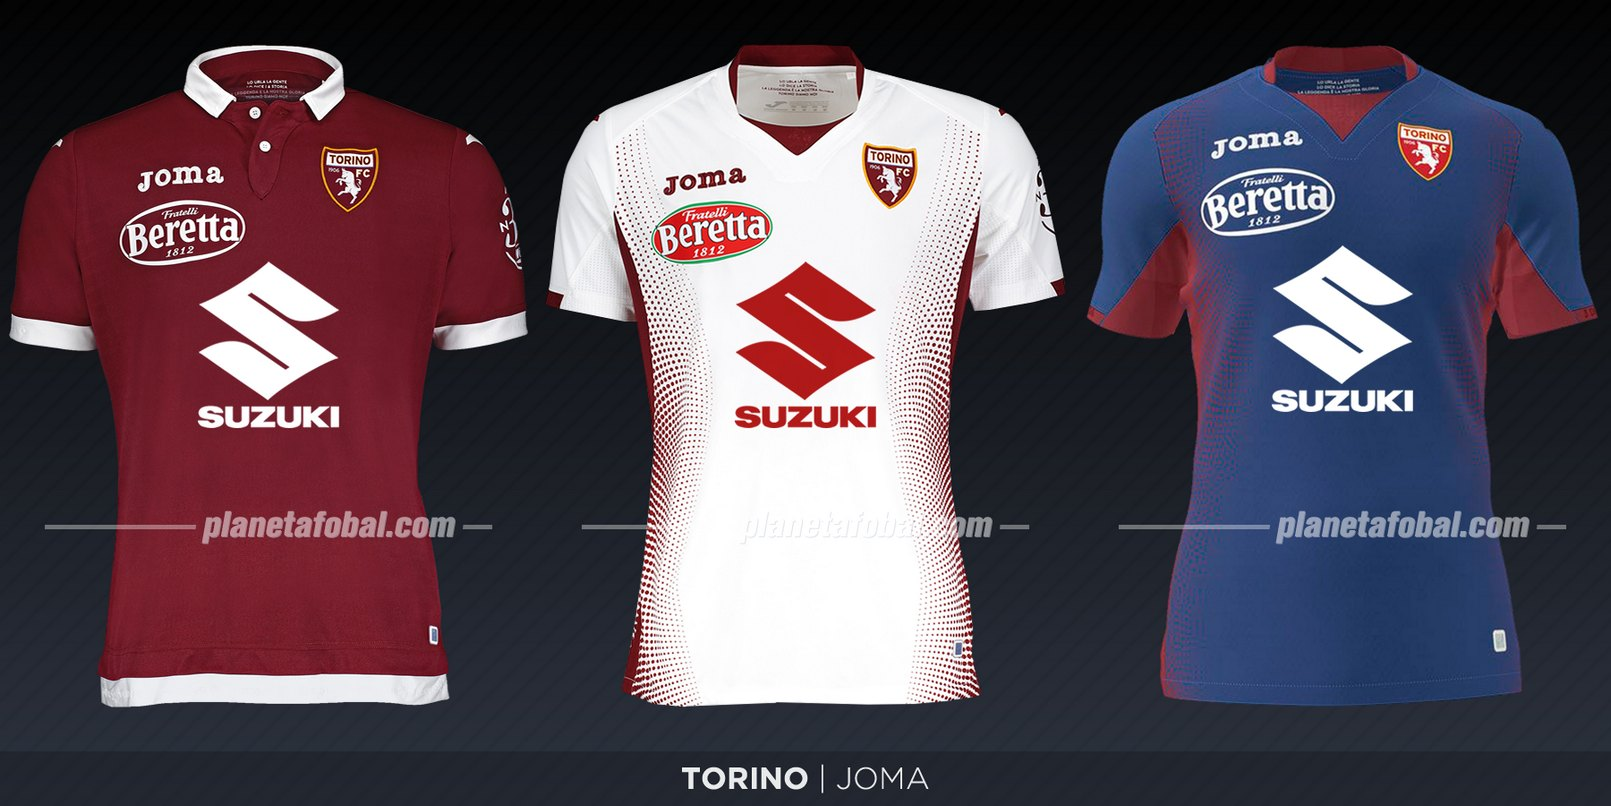 Torino (Joma) | Camisetas de la Serie A 2019-2020